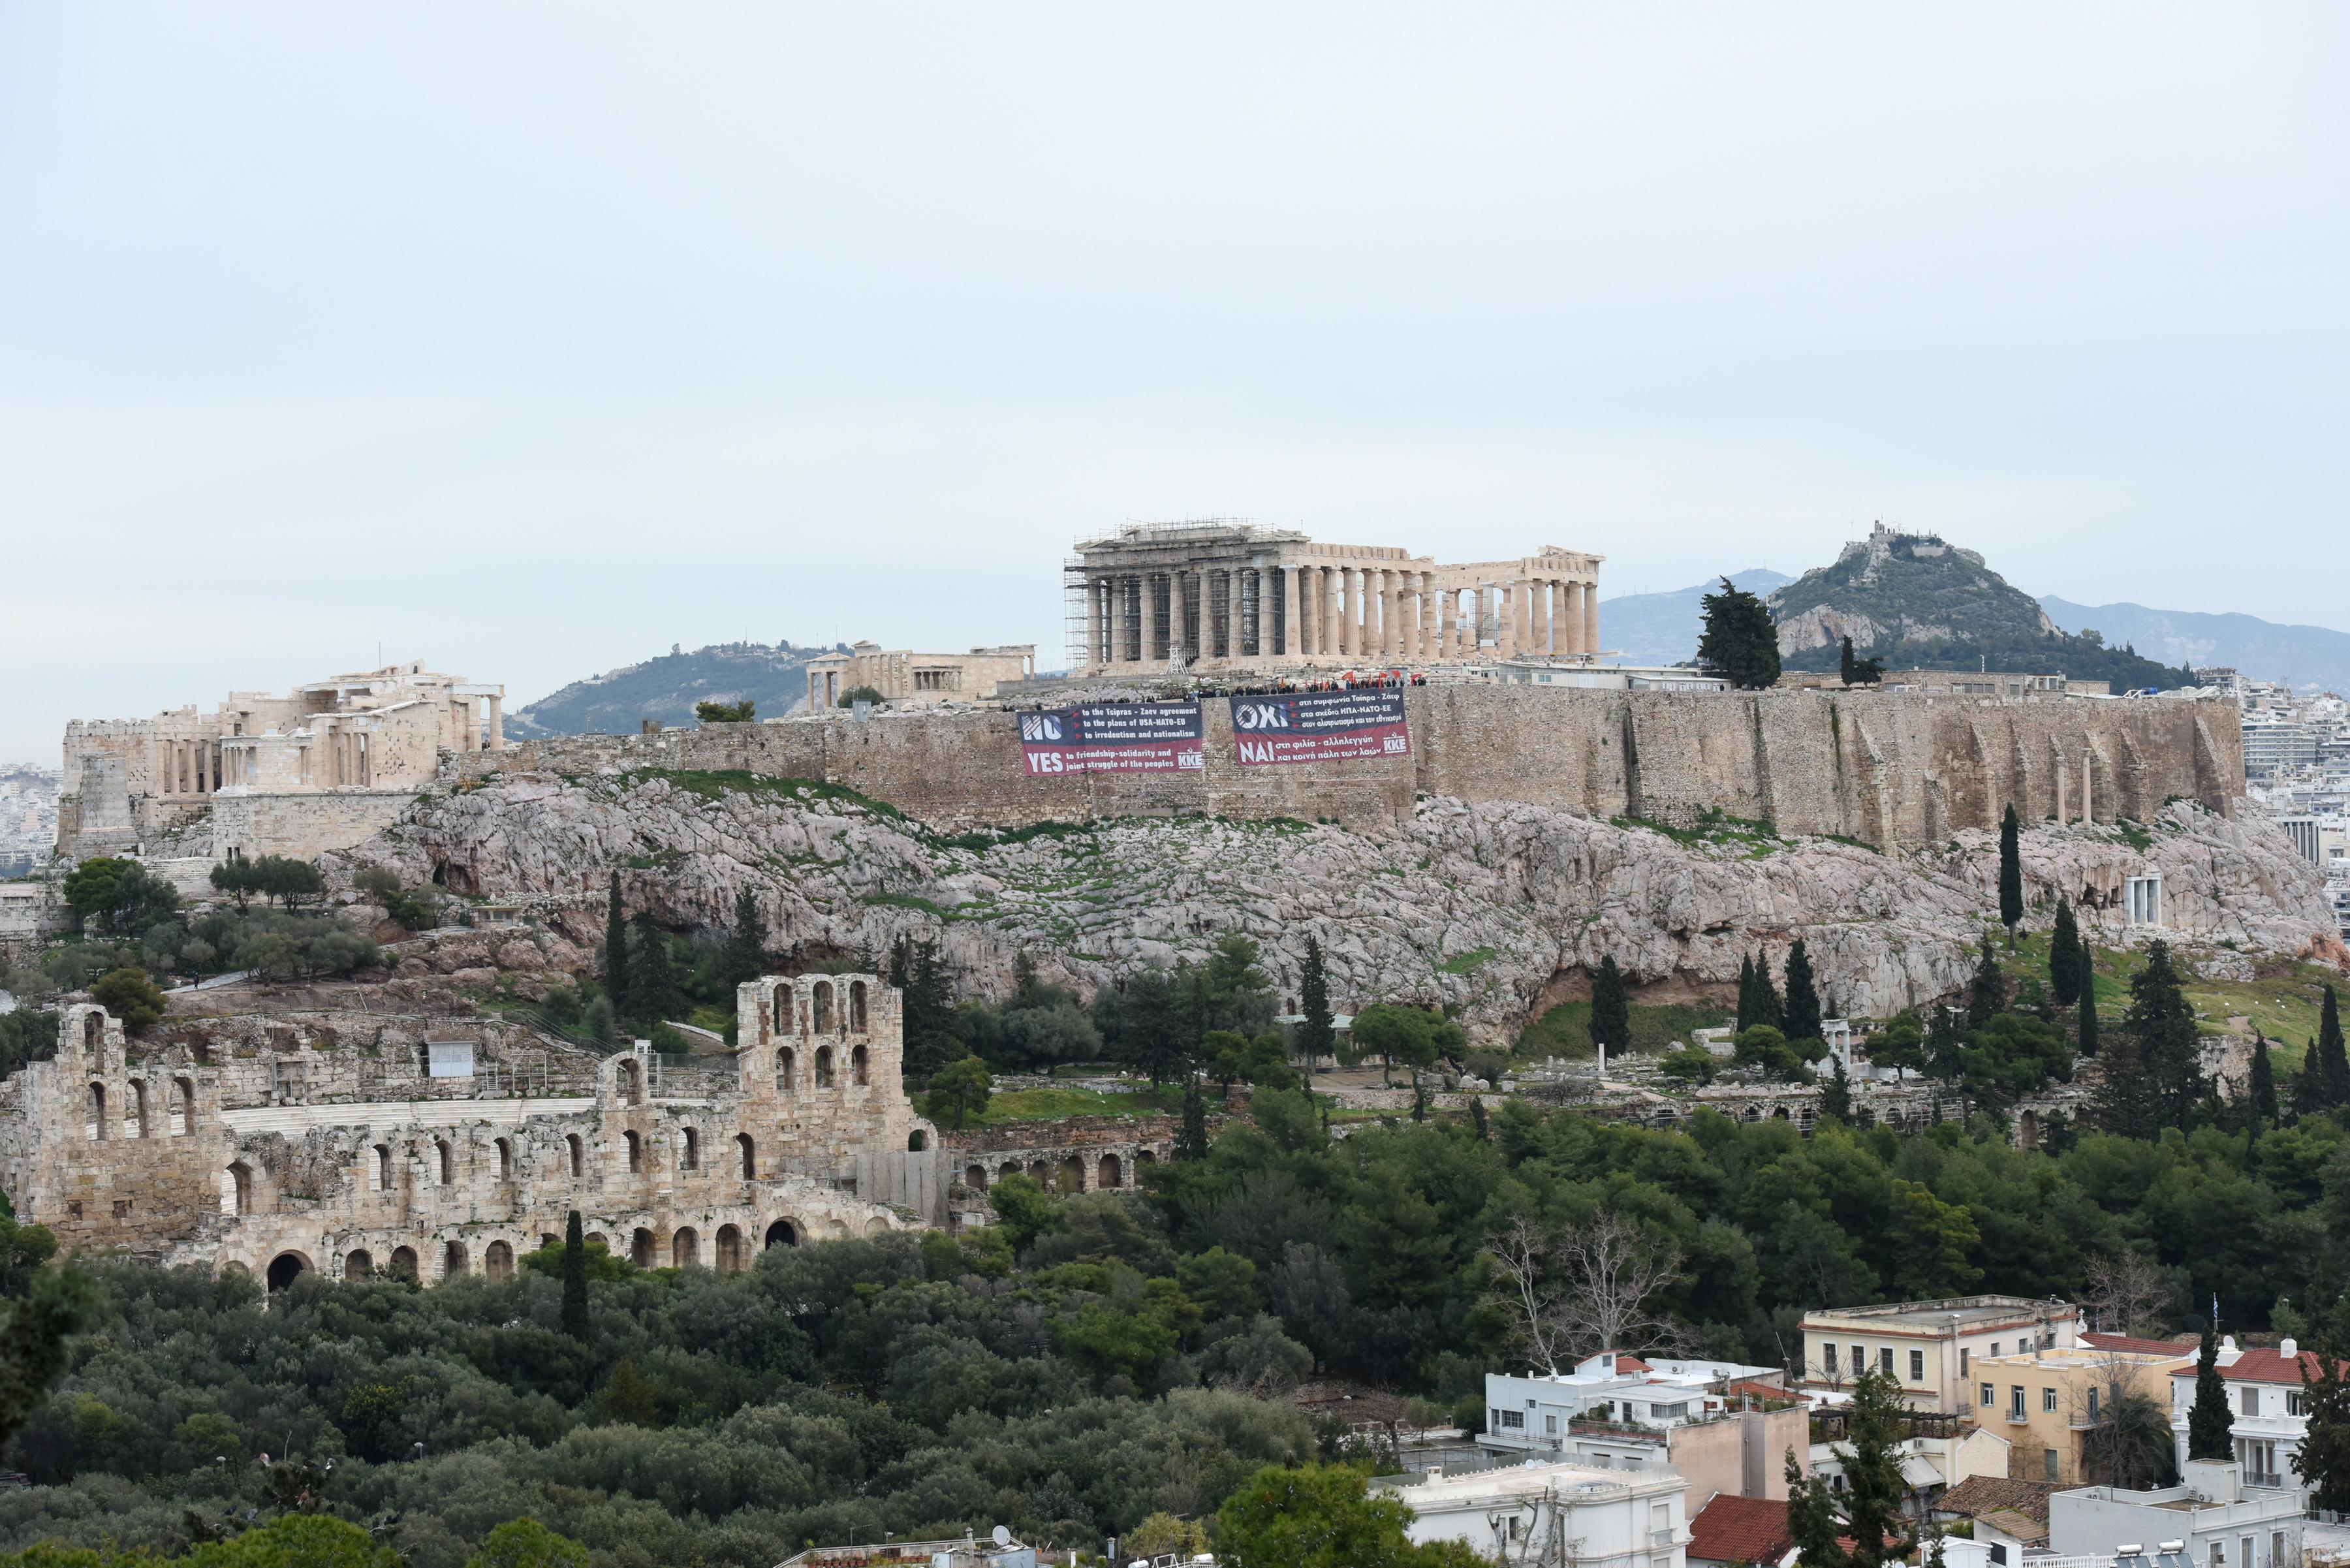 pano-toy-kke-stin-akropoli-kata-tis-symfonias-ton-prespon1